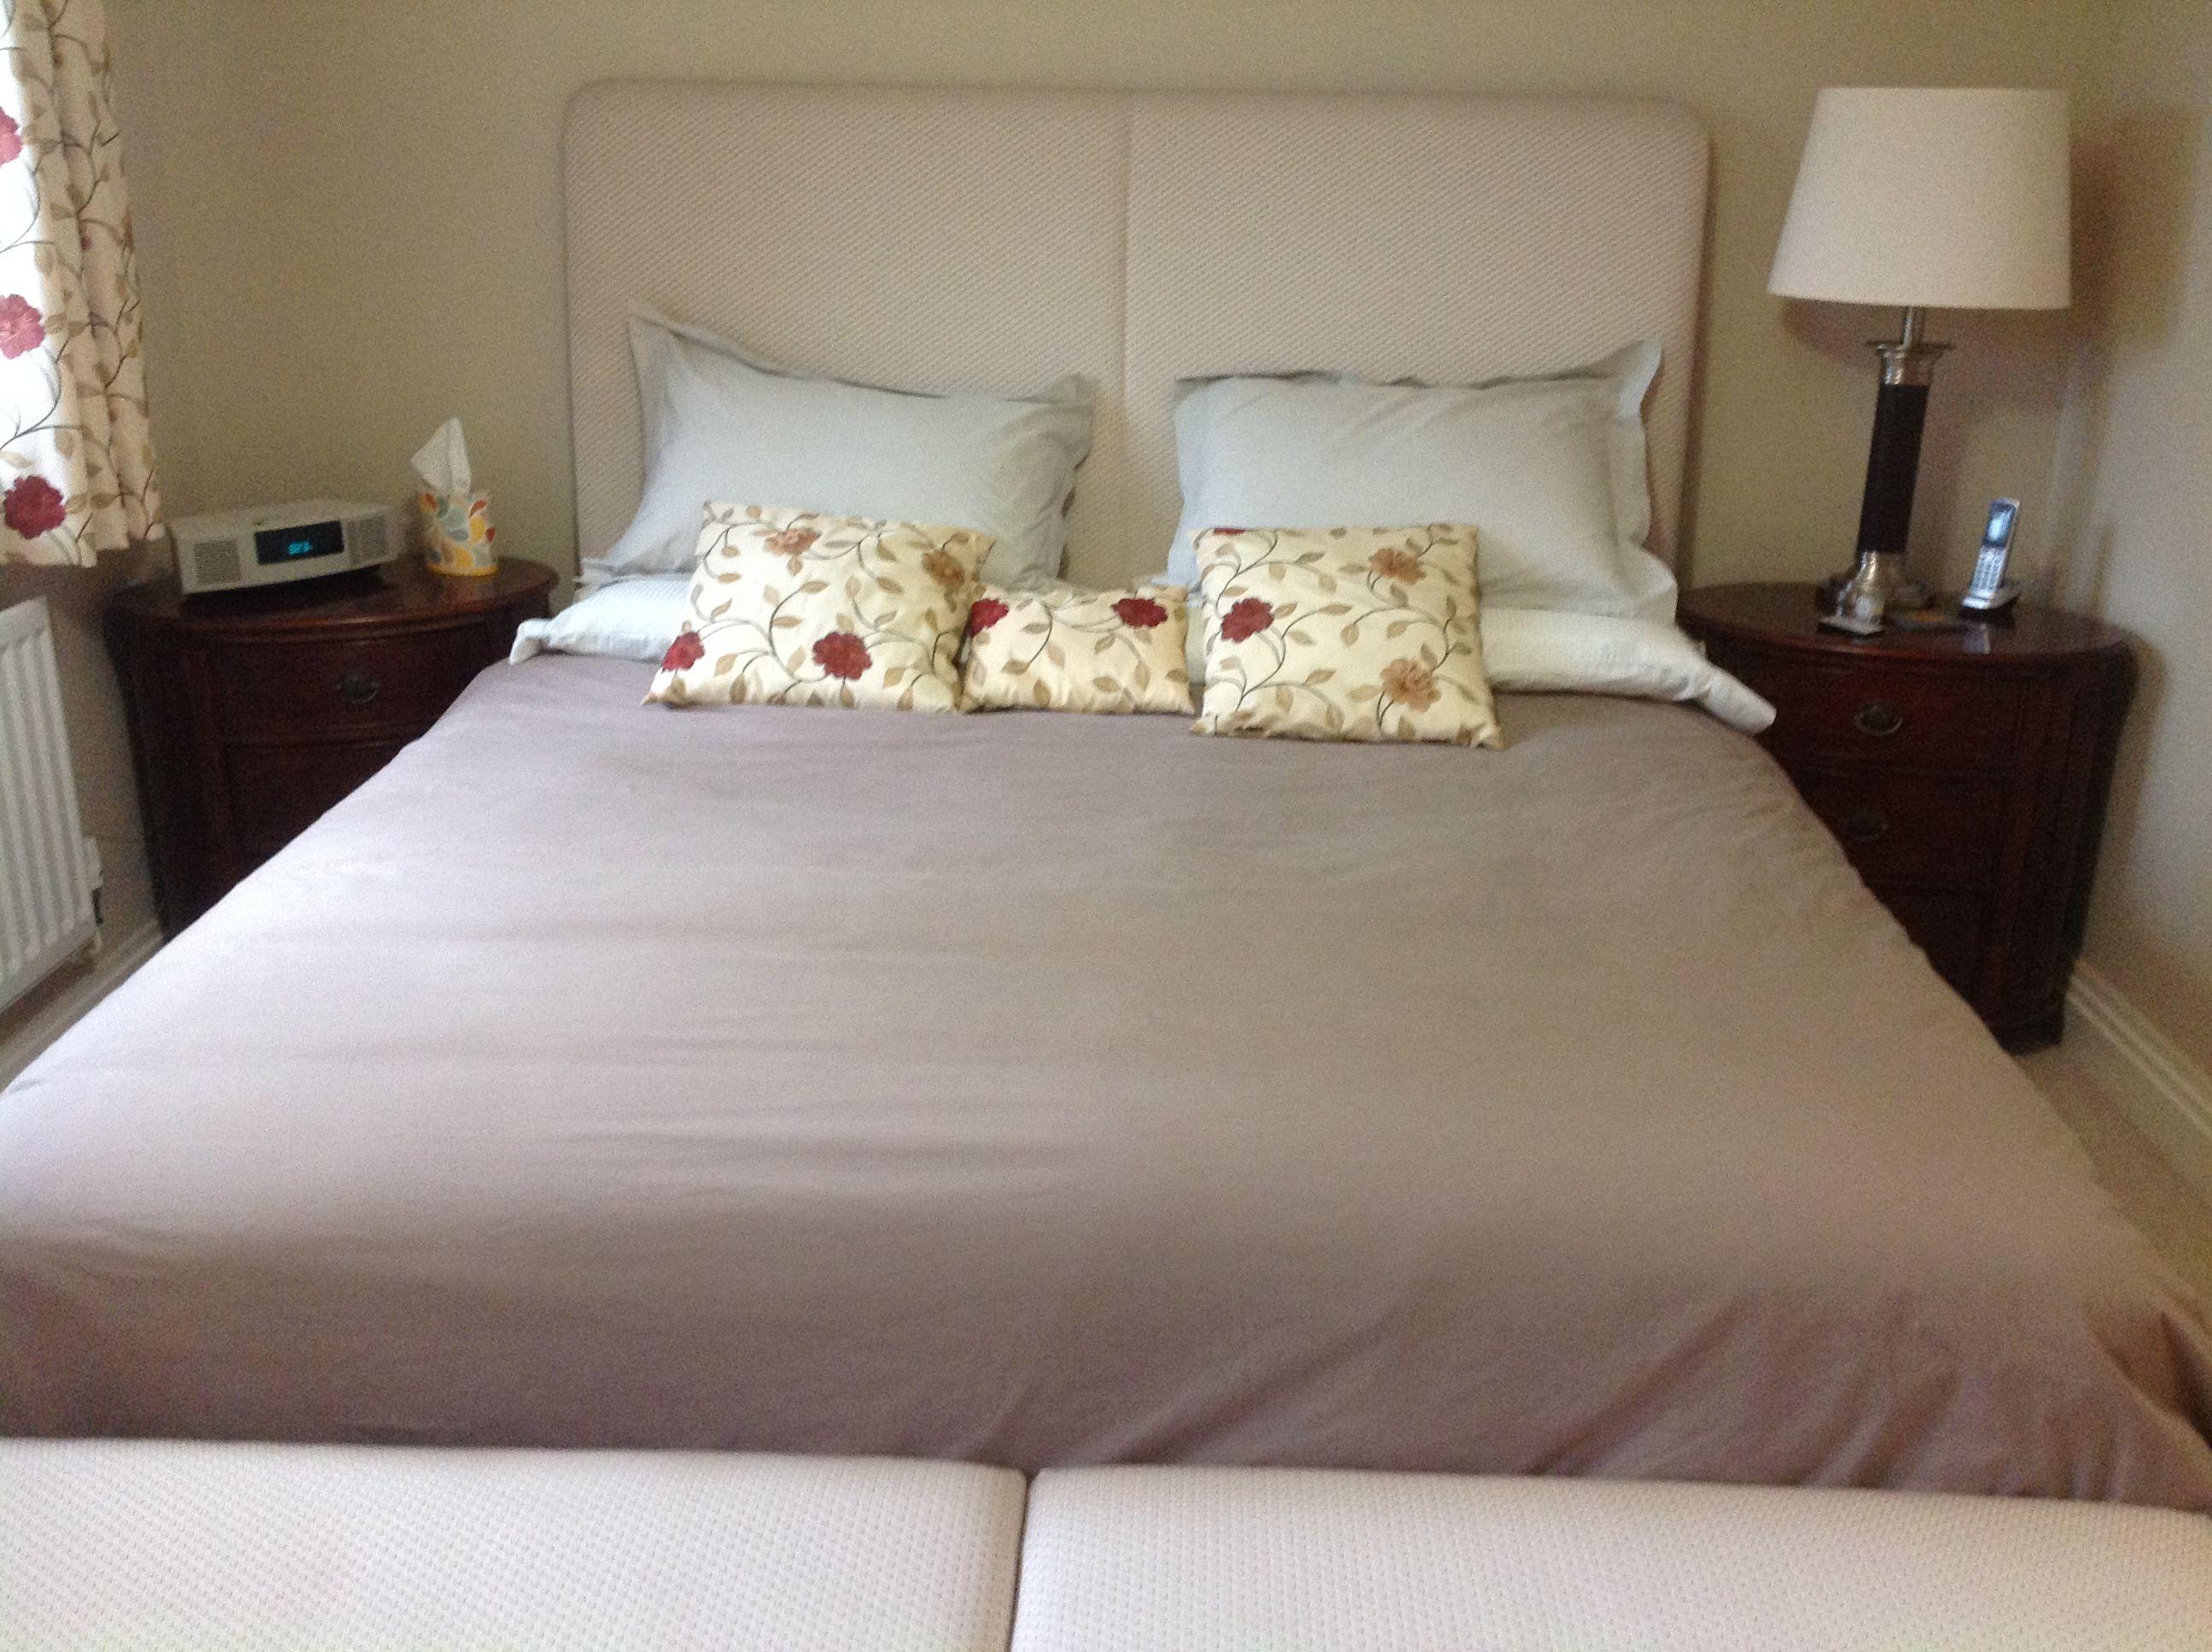 Bed width 183 cm Headboard 183 cm